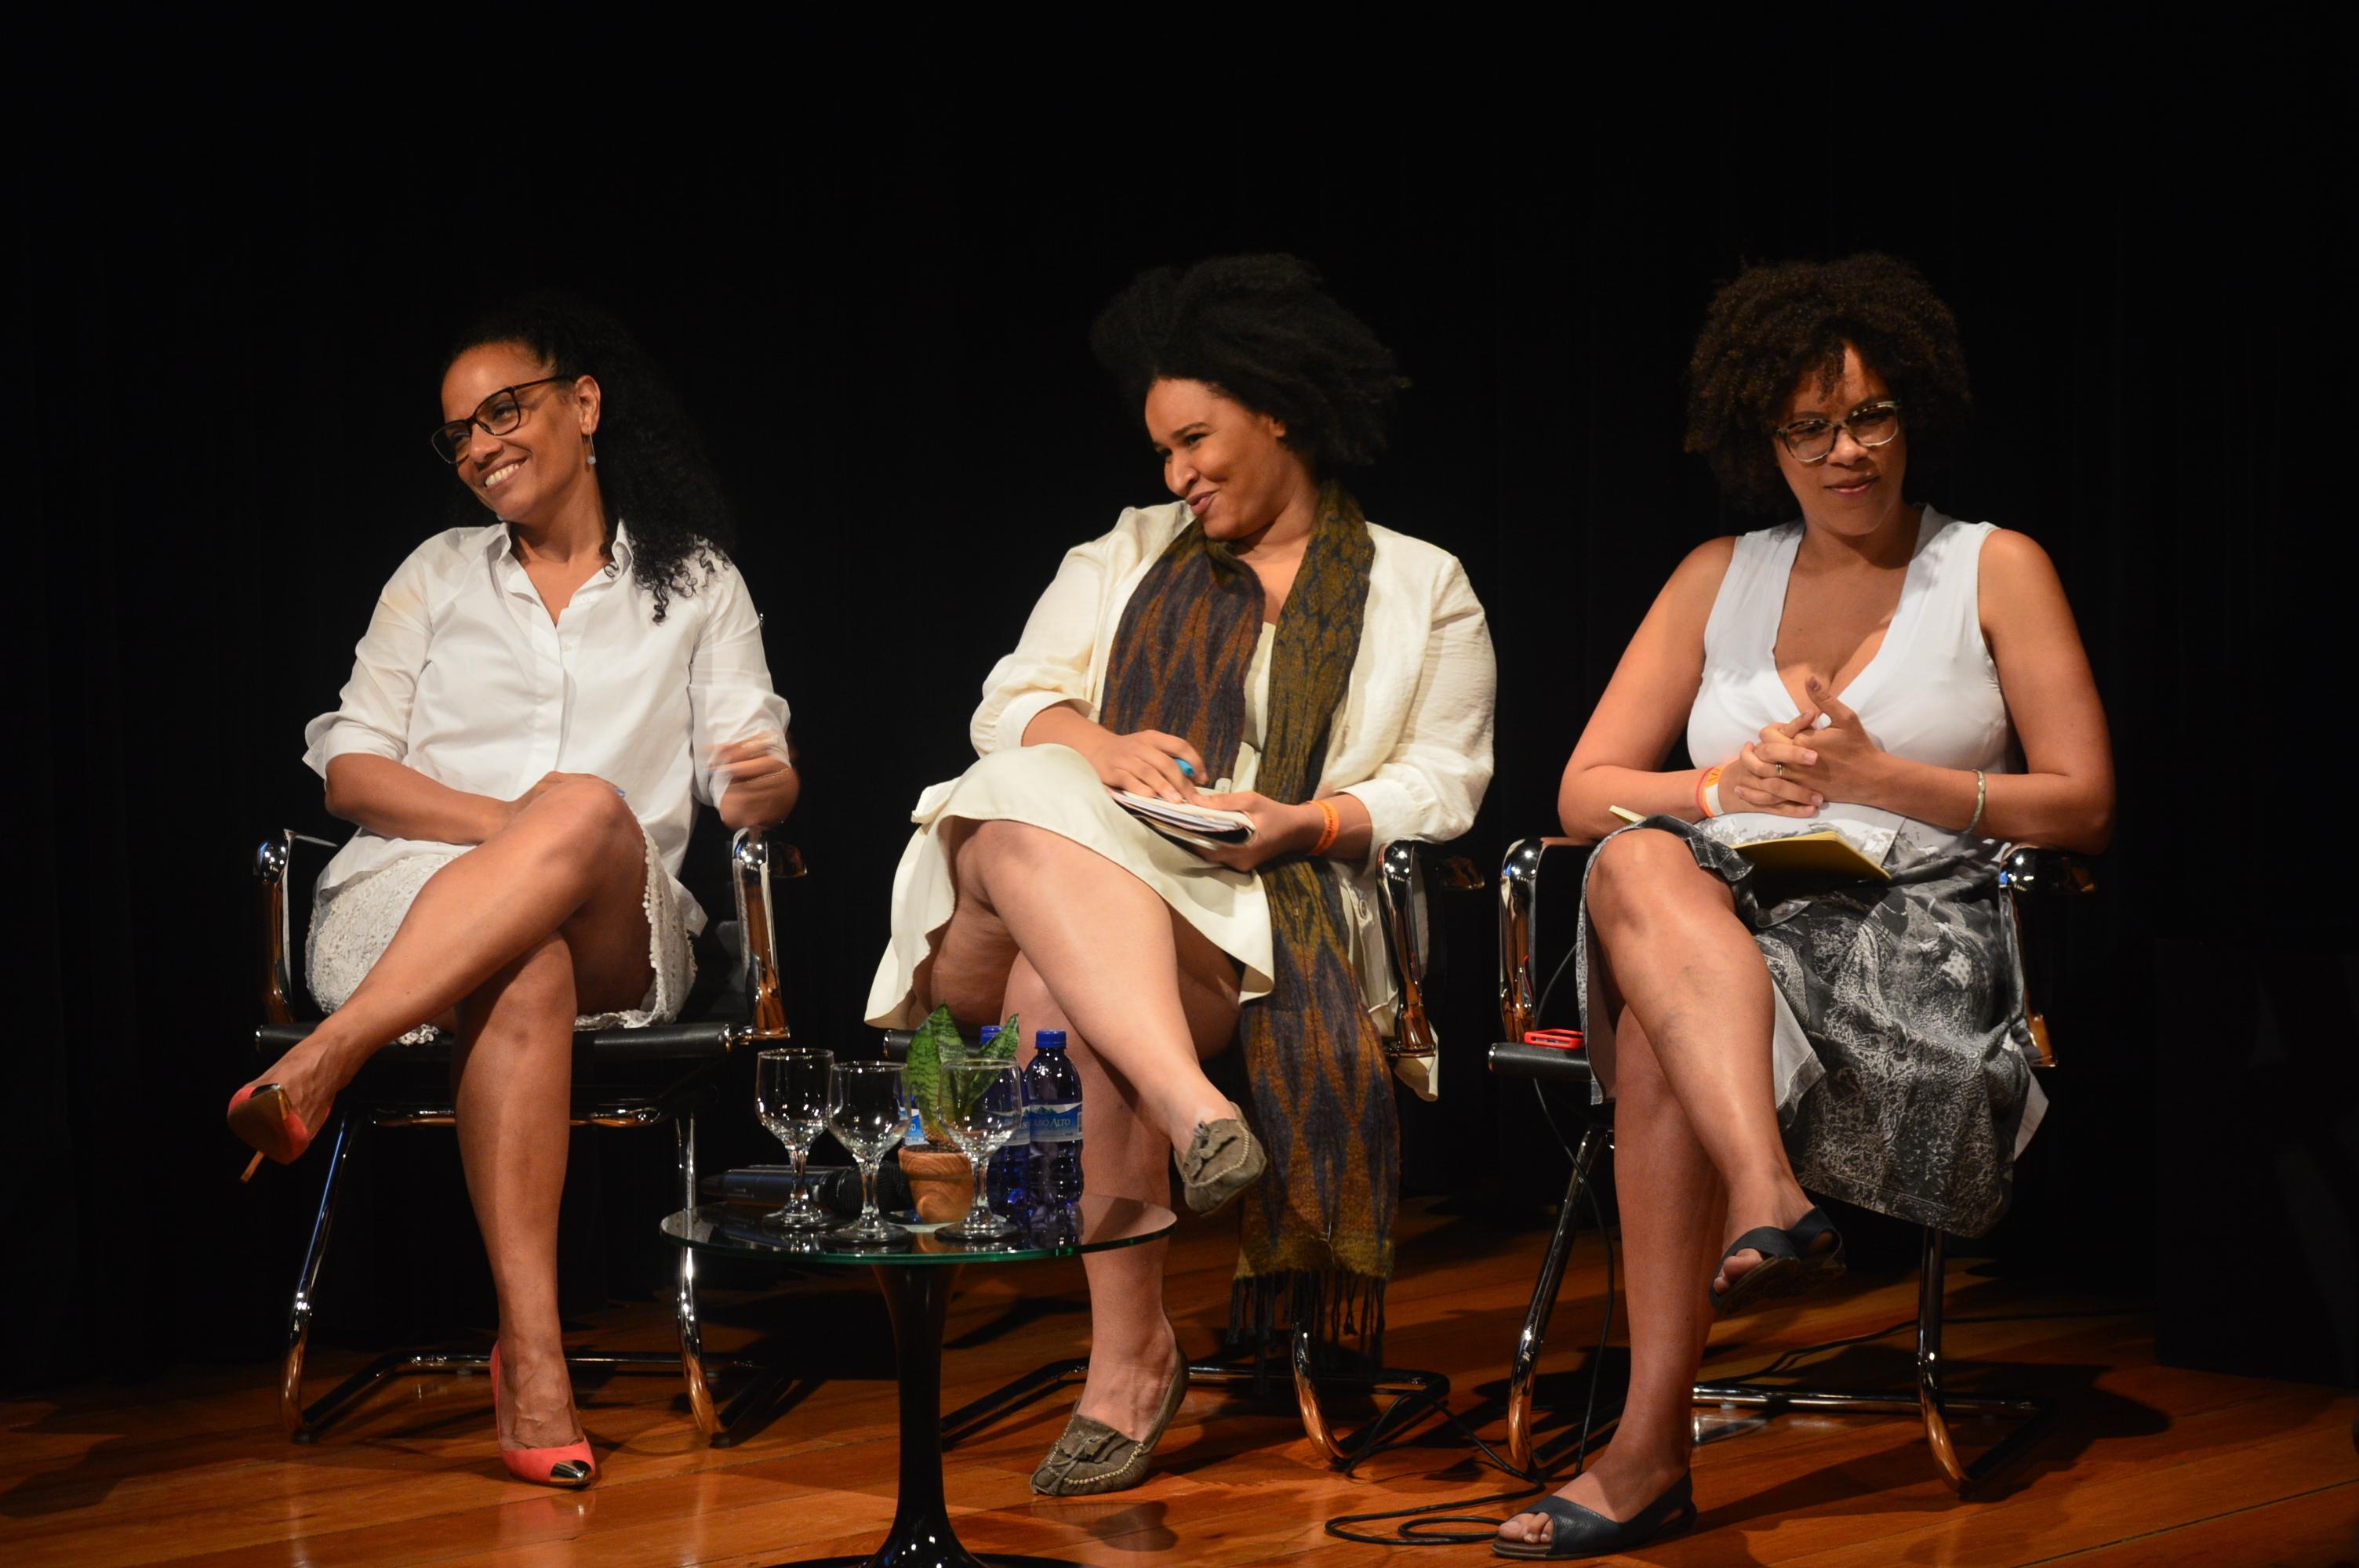 Flávia Oliveira, Ana Carolina Lourenço e Ynaê Lopes dos Santos: símbolos de luta no Instituto Moreira Salles